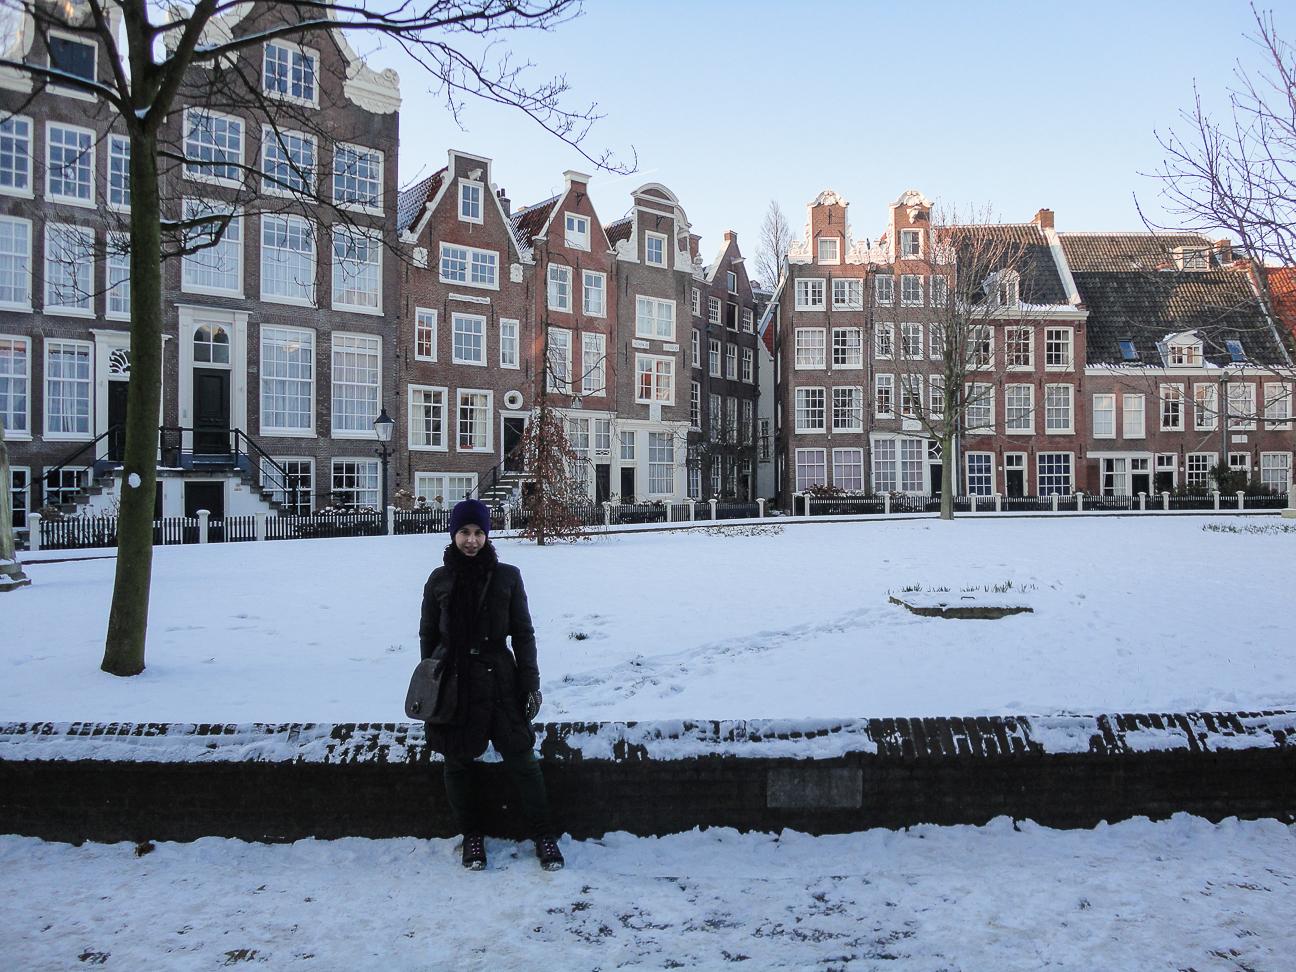 Que ver en Amsterdam Begijnhof